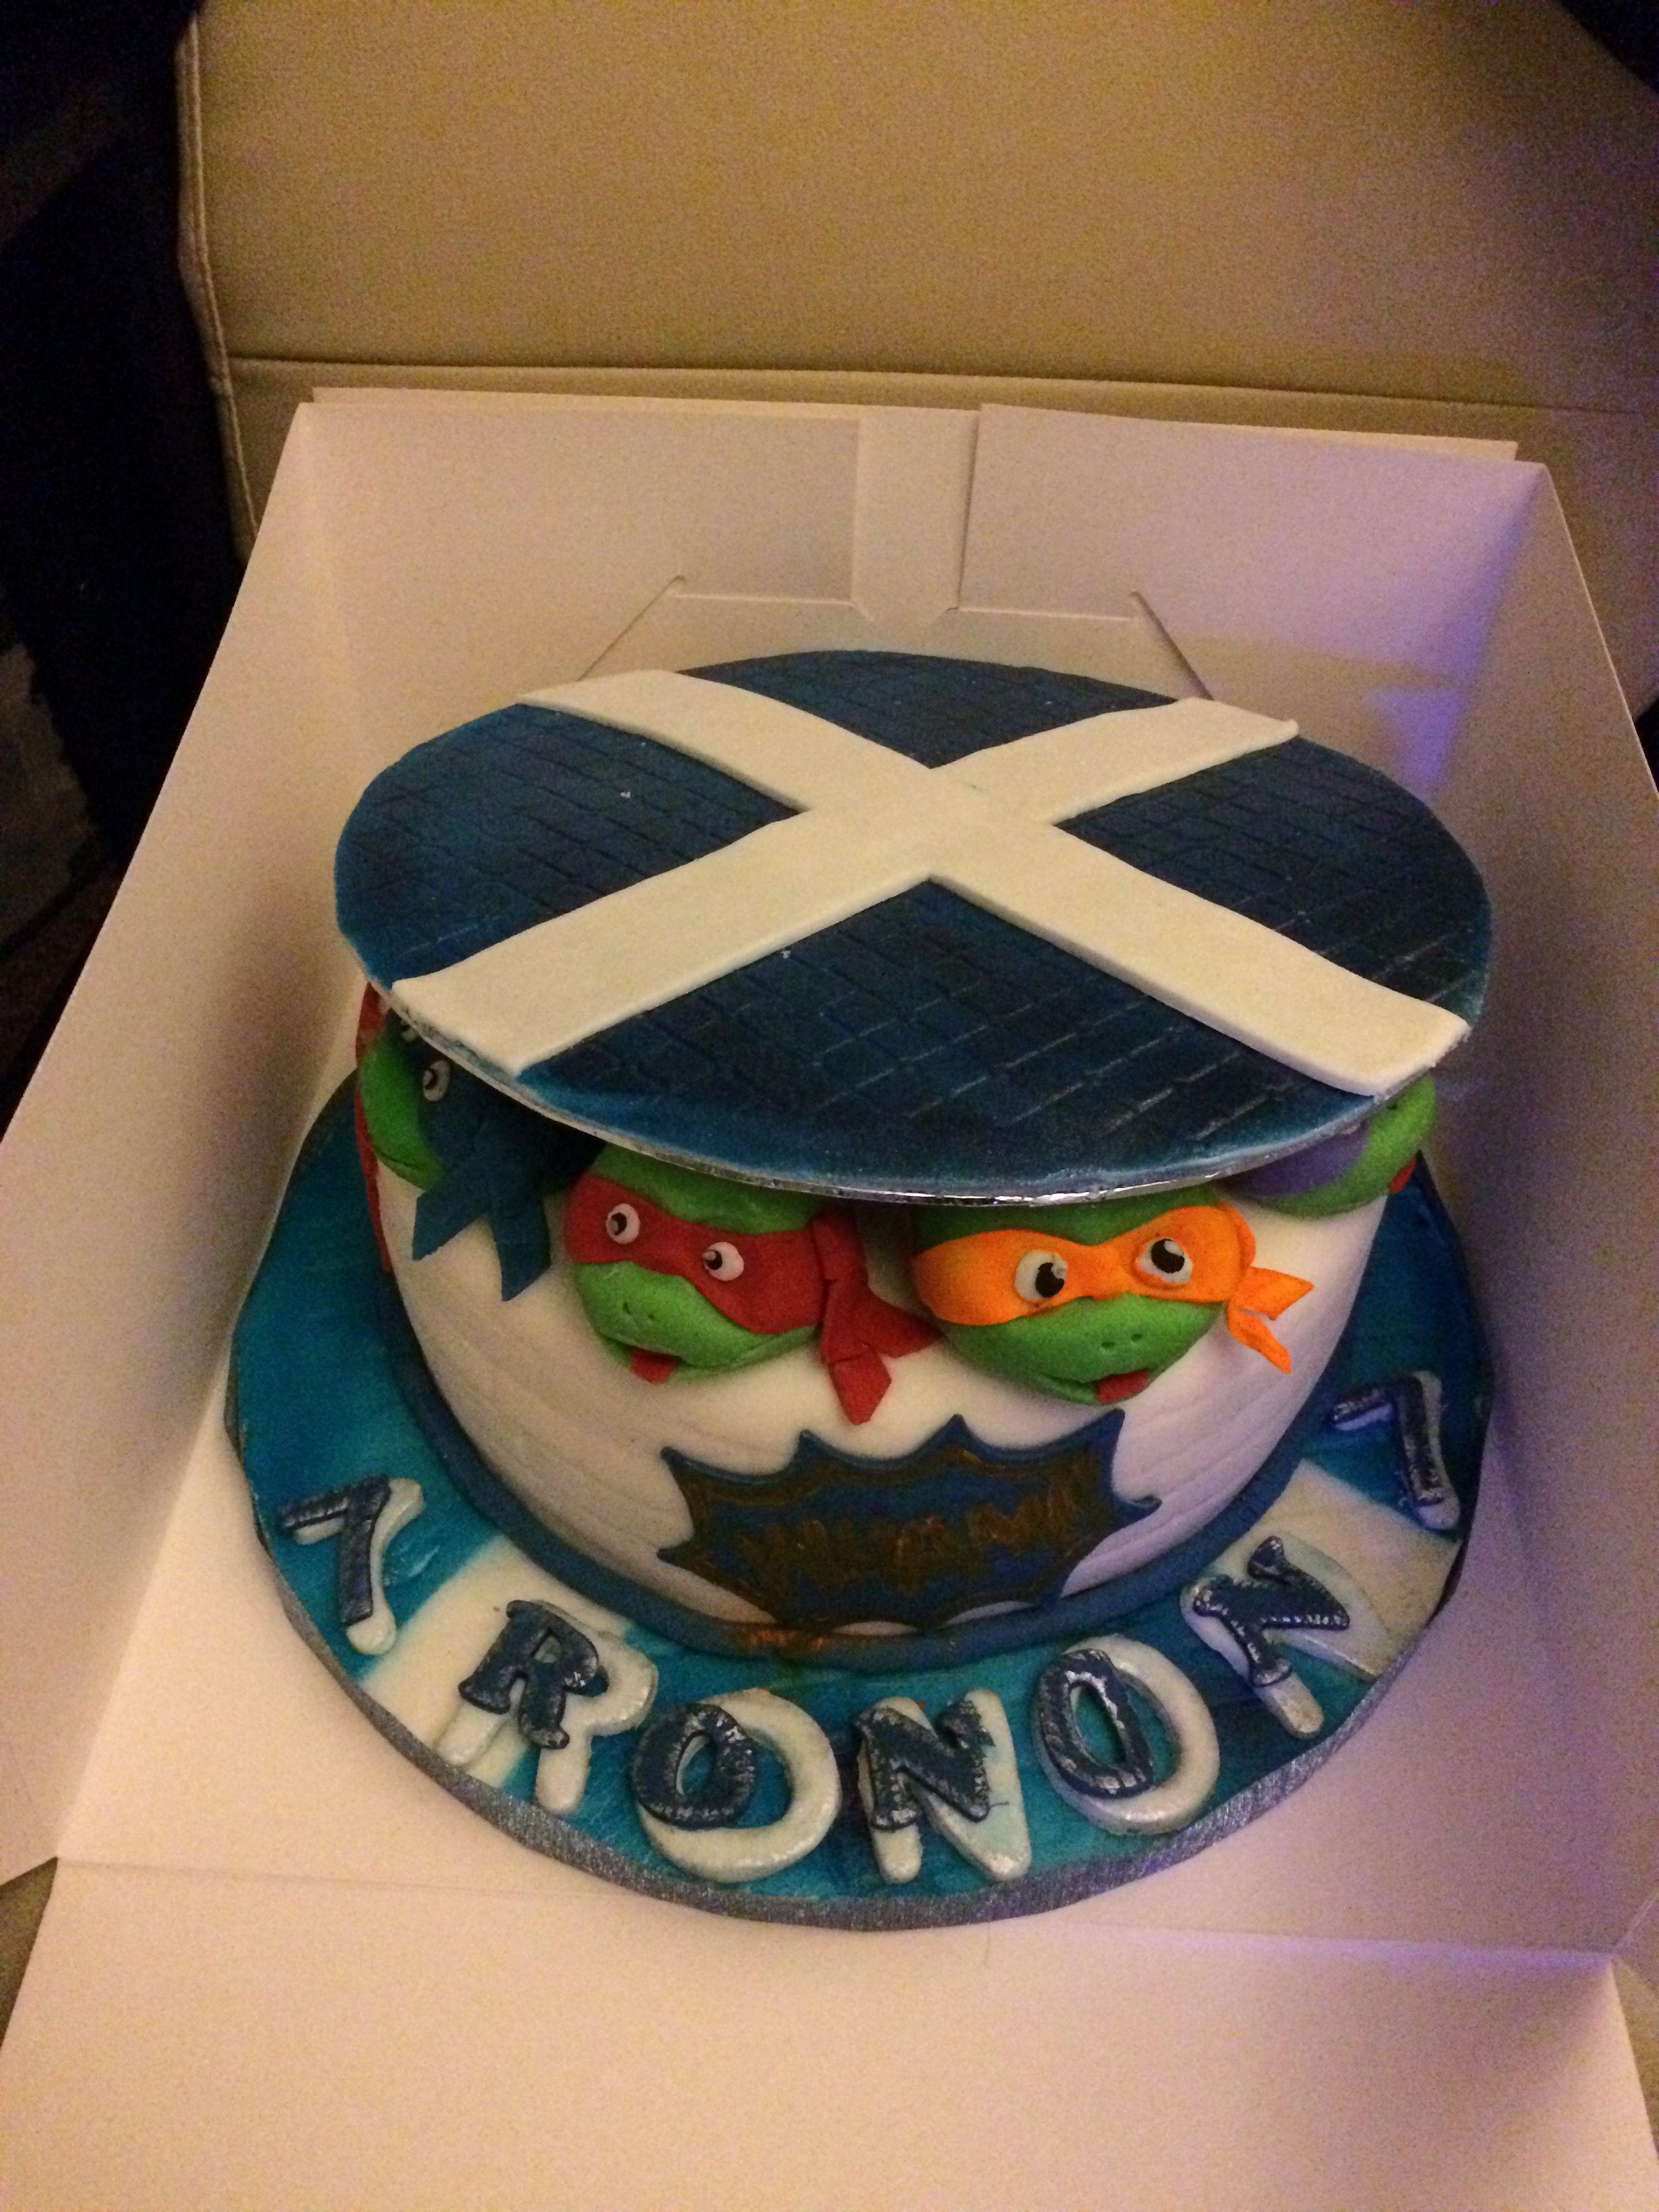 Teenage mutant ninja turtles and scotland cake